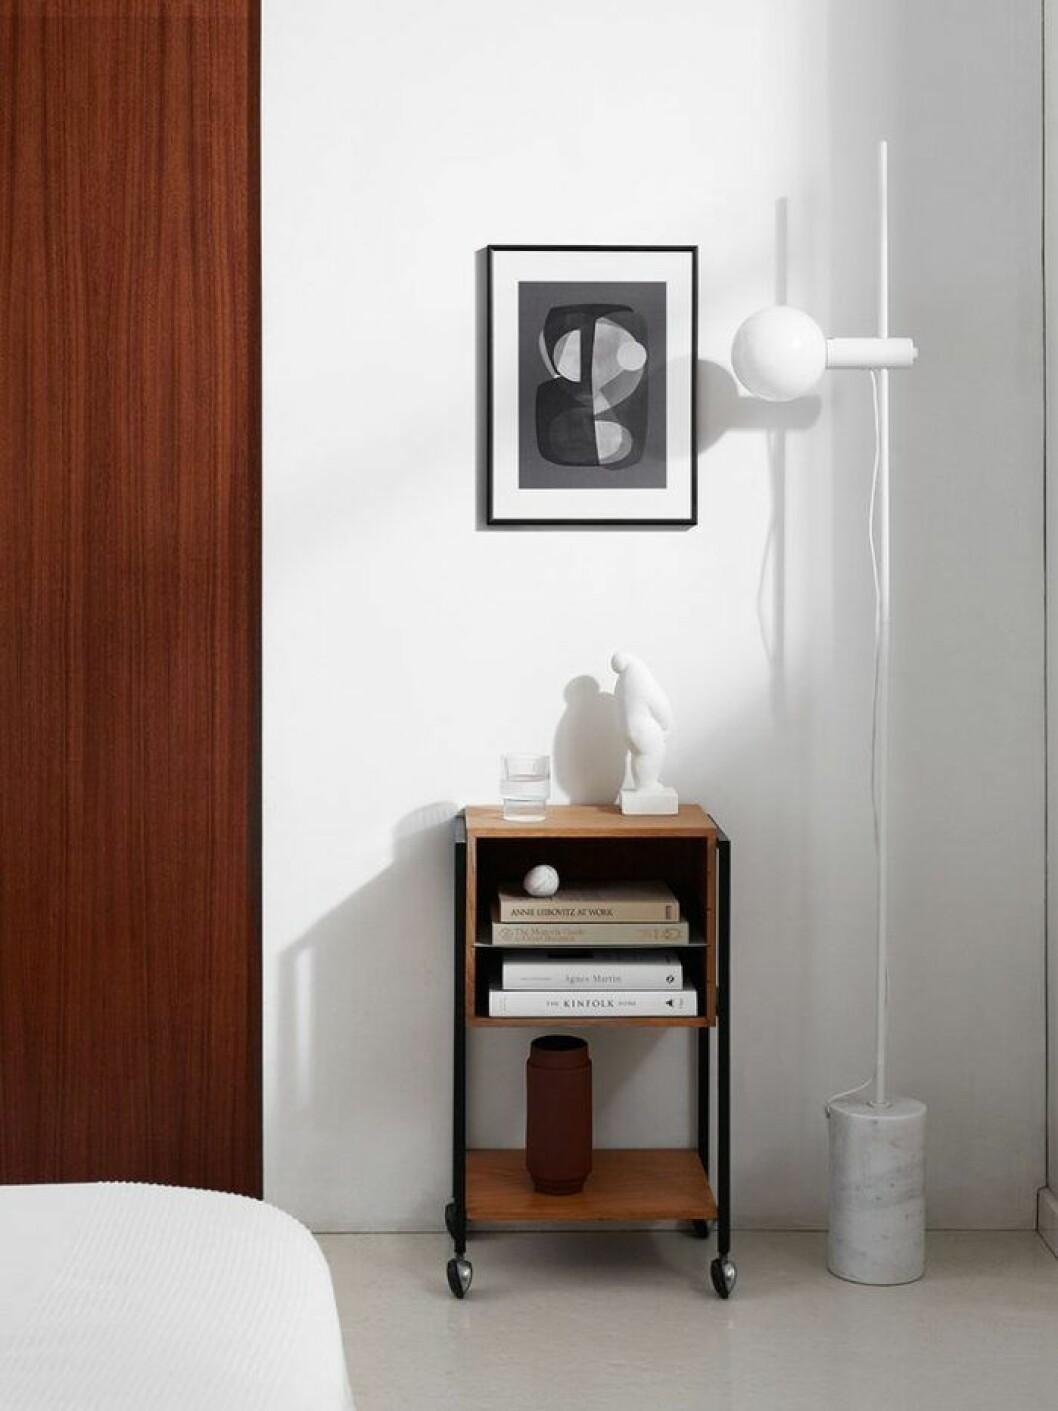 Vitt, brunt och svart är en klassisk färgskala för ett sovrum emd hotellkänsla